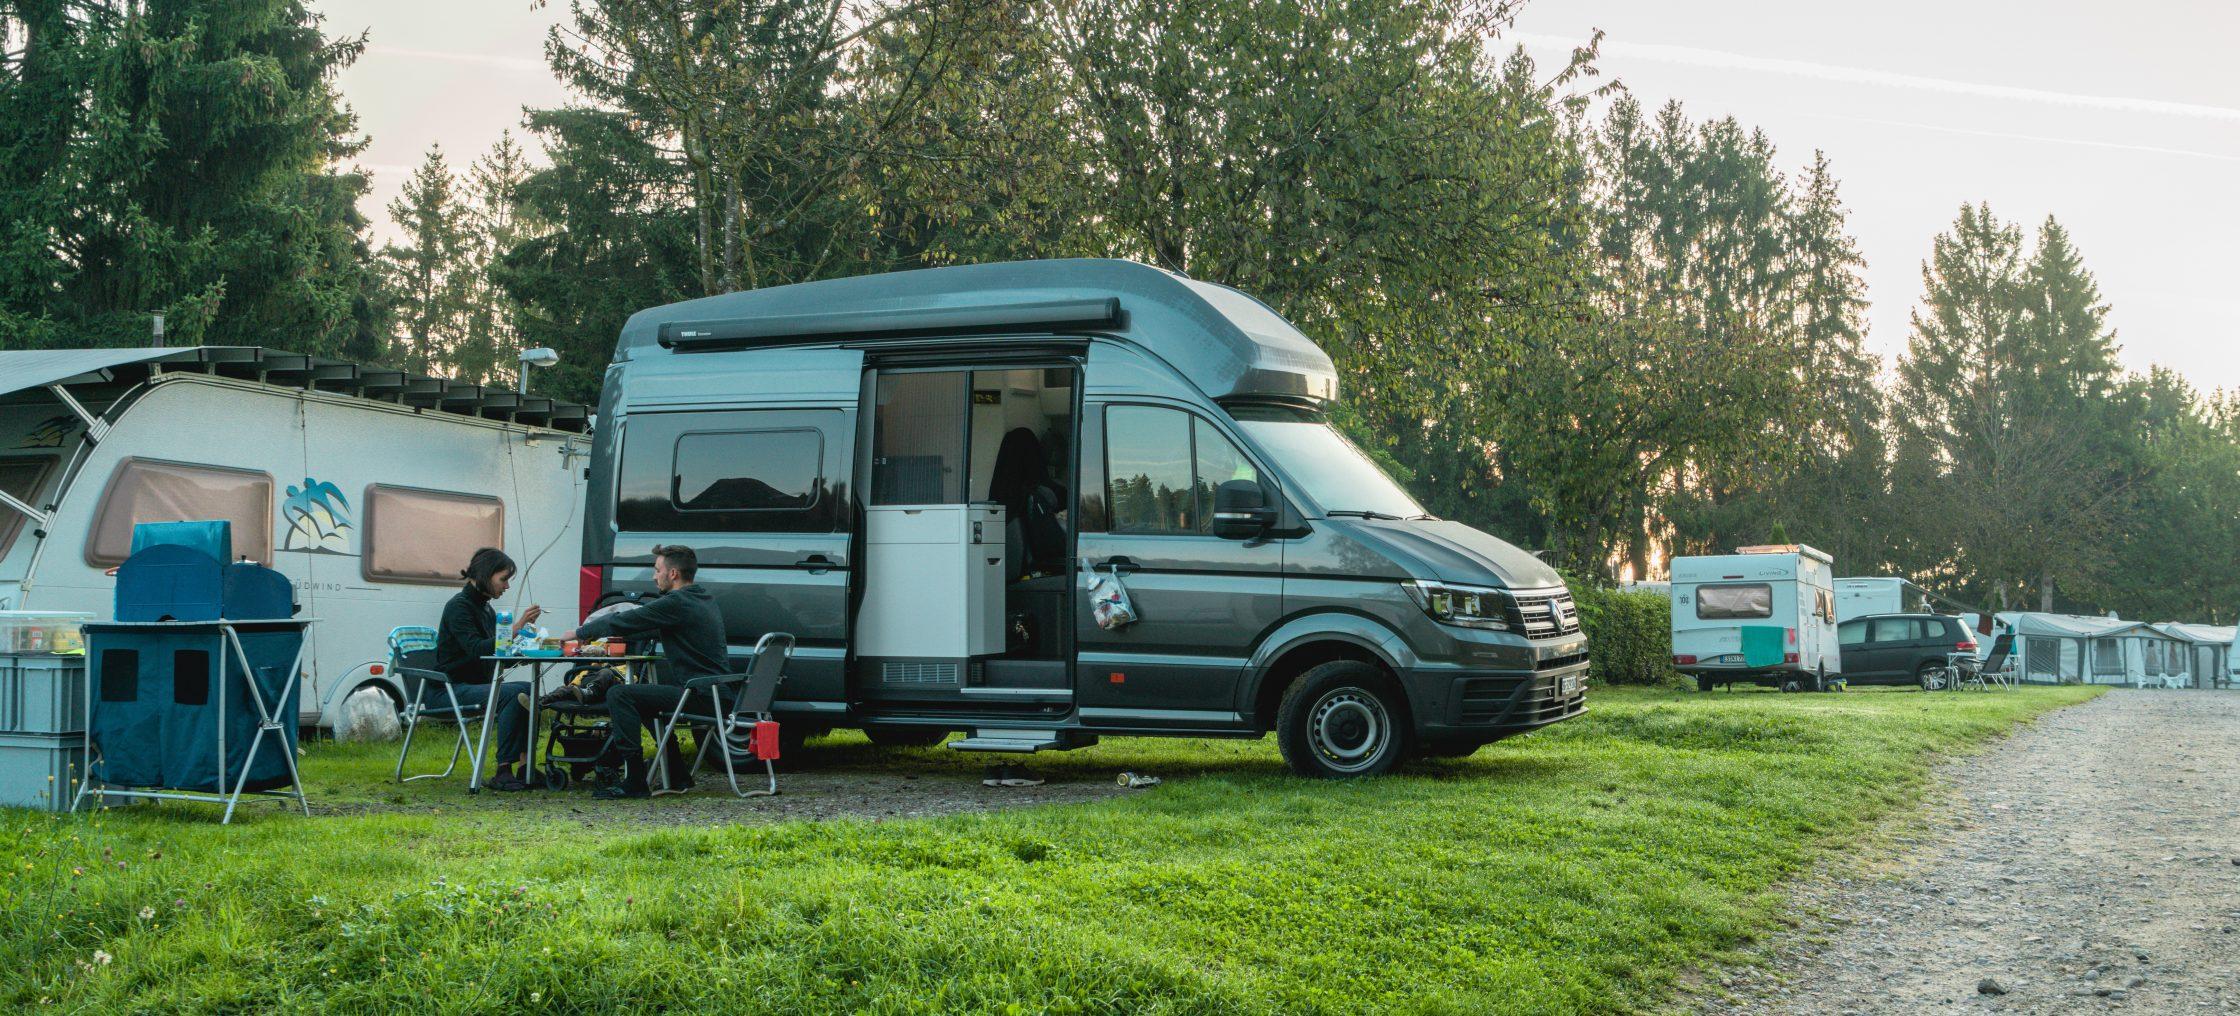 Bodensee Gitzenweiler Parzelle mit Camper